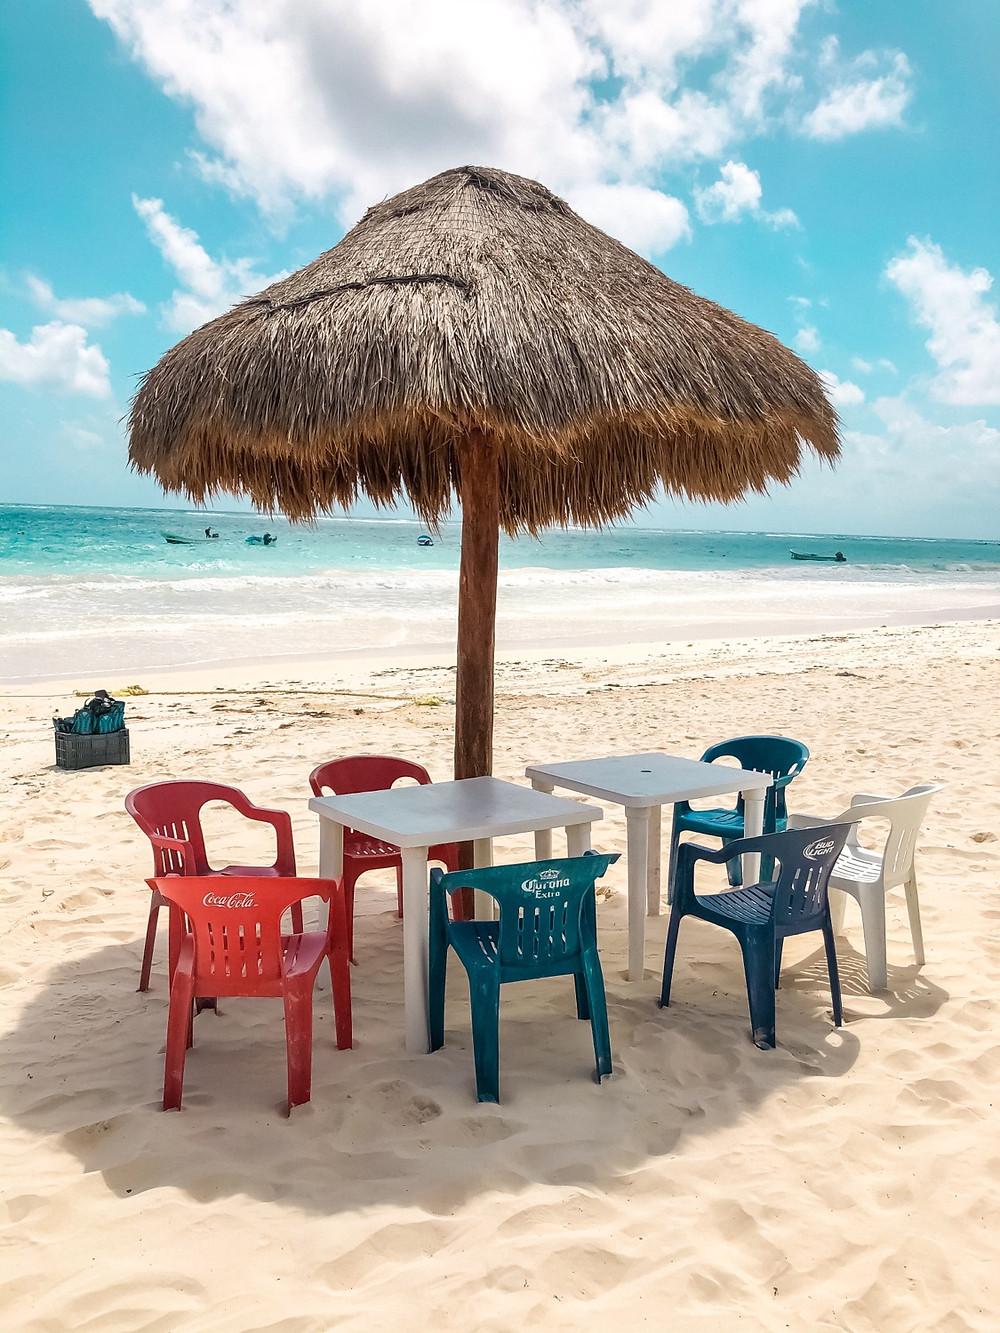 Tulum-Playa-Paraiso-Sehenswertes-tulum